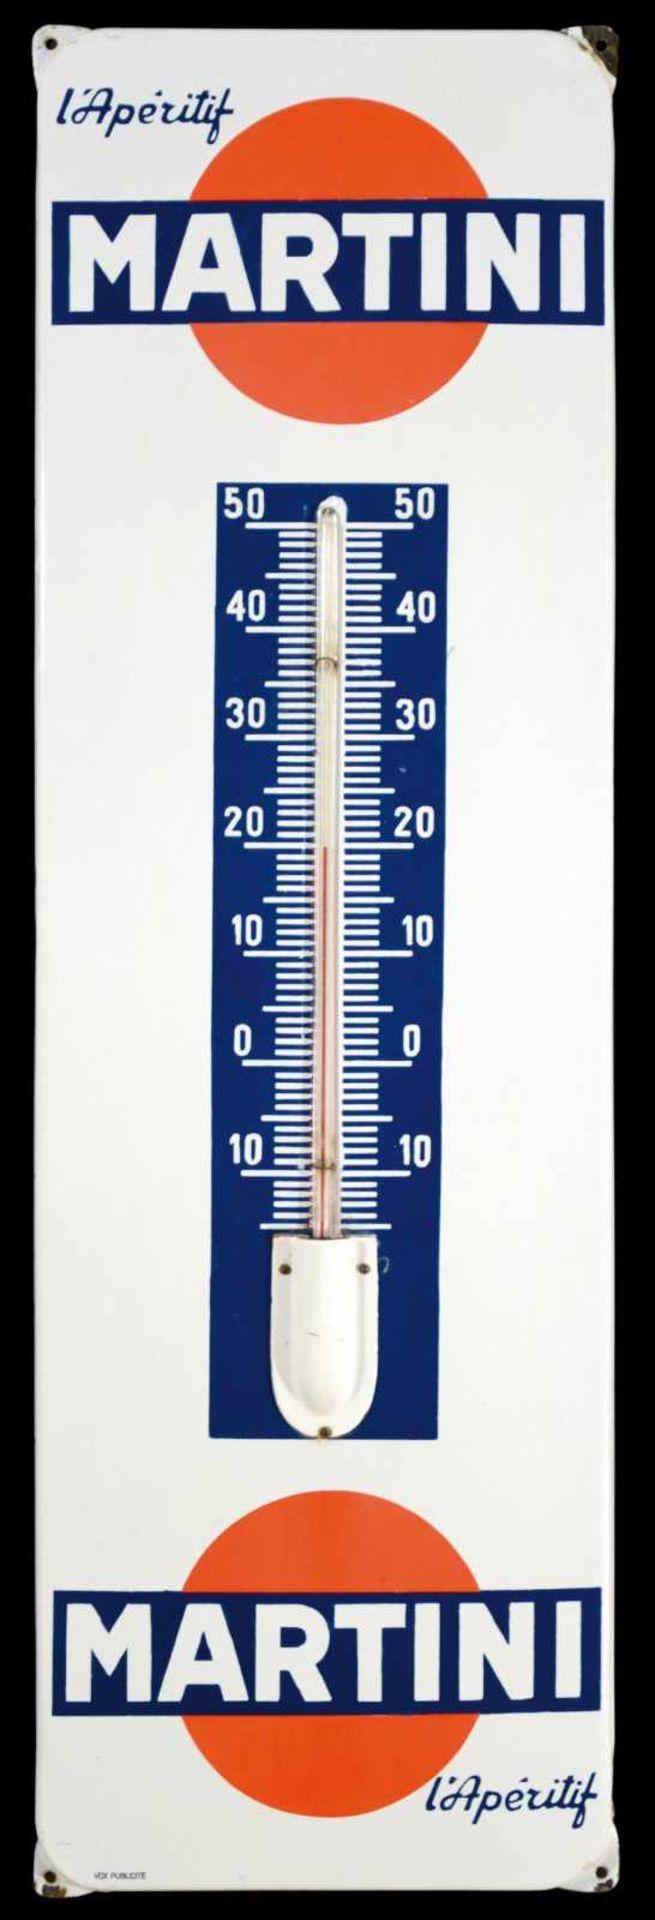 MARTINI L'APERITIF (1) Emailschild, abgekantet, dick schabloniert, integrierter Thermometer,